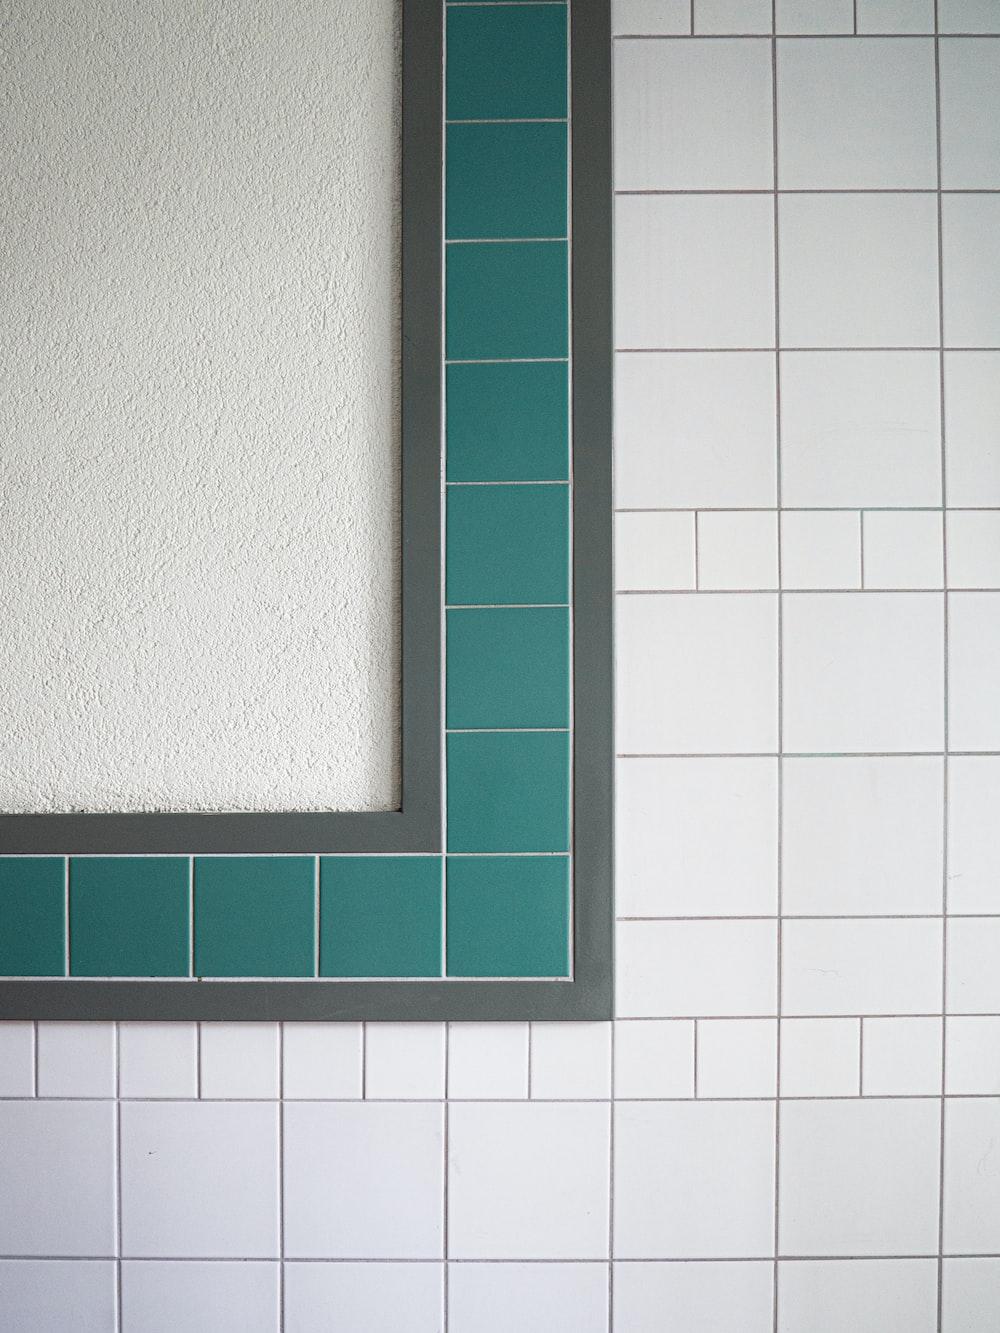 green wooden frame on white ceramic tiles